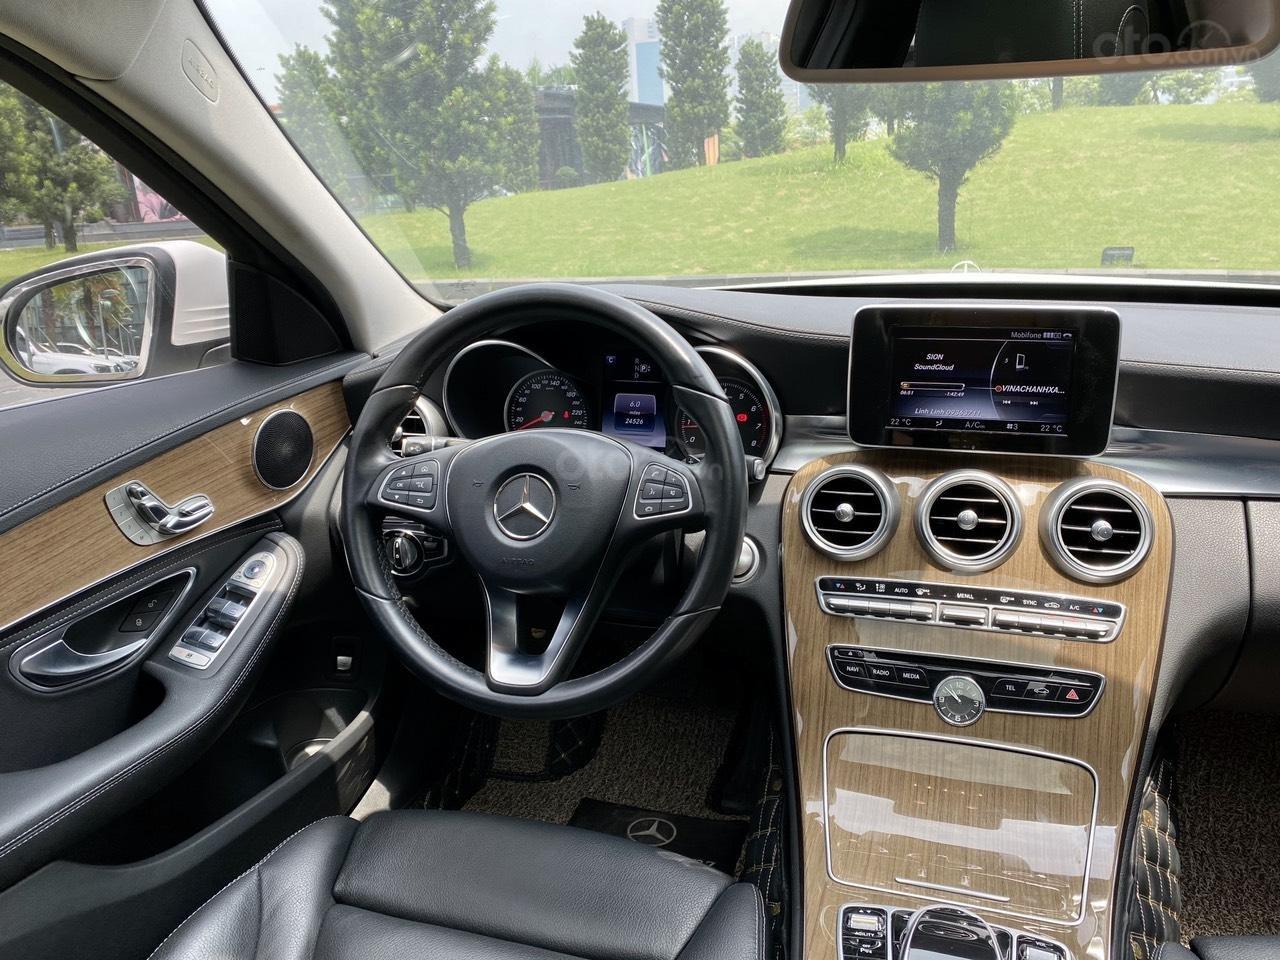 Mercedes C250 SX 2015 model 2016 màu trắng nội thất đen (13)